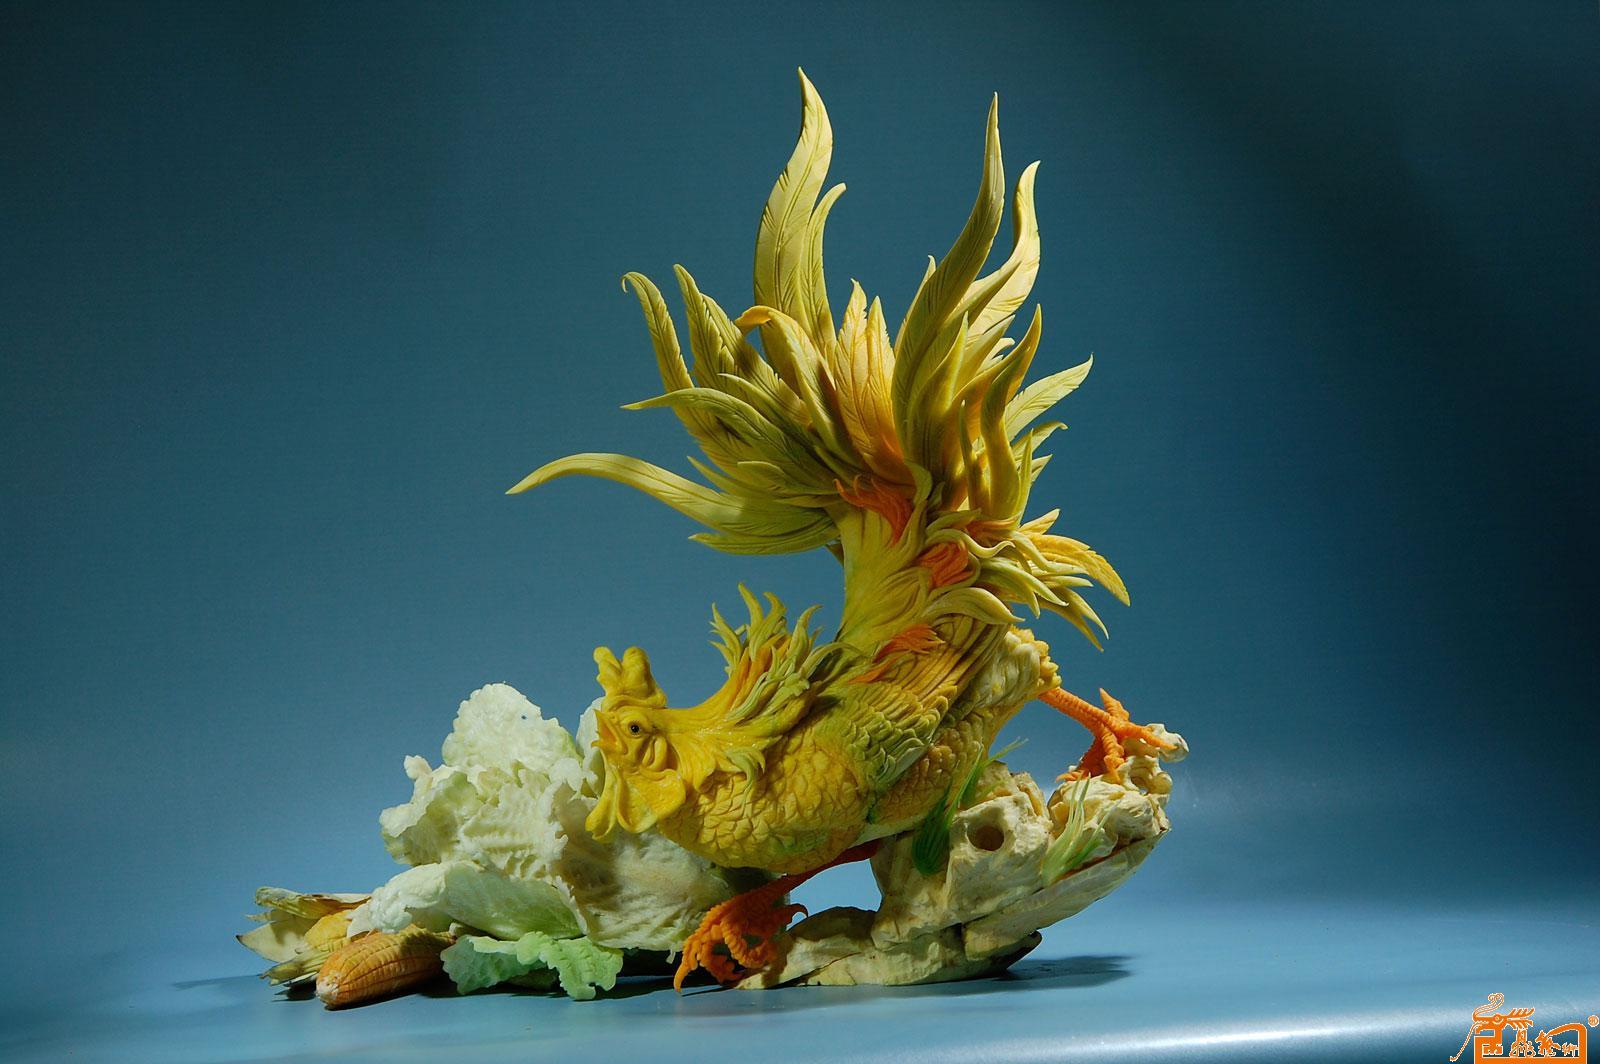 国画名家 孔令海 - 食品雕刻花鸟作品10